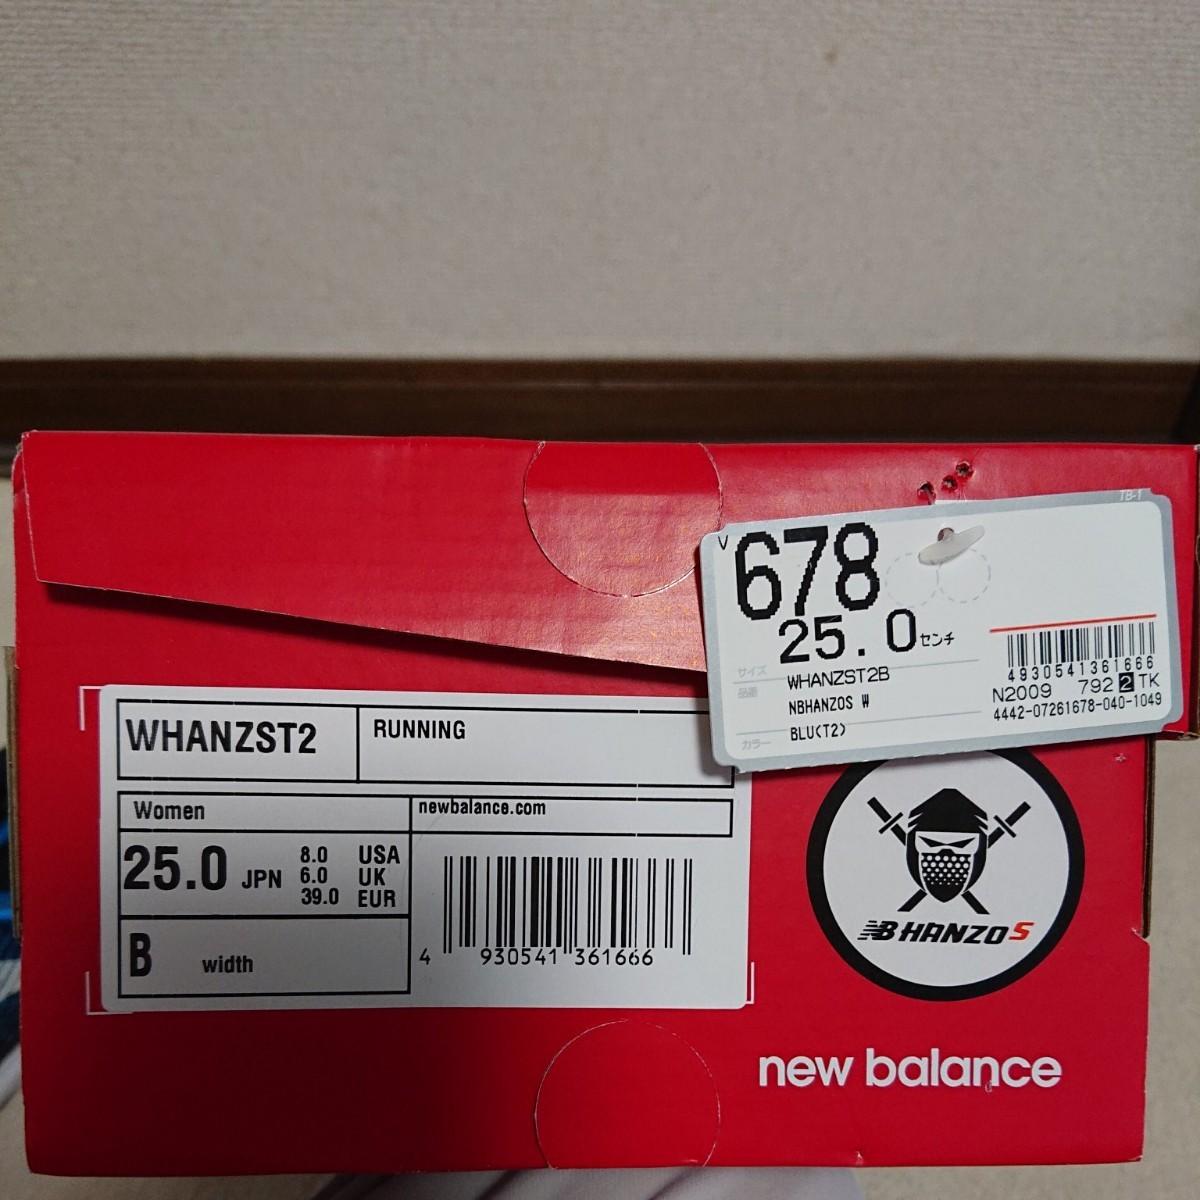 new balance  WHANZST2